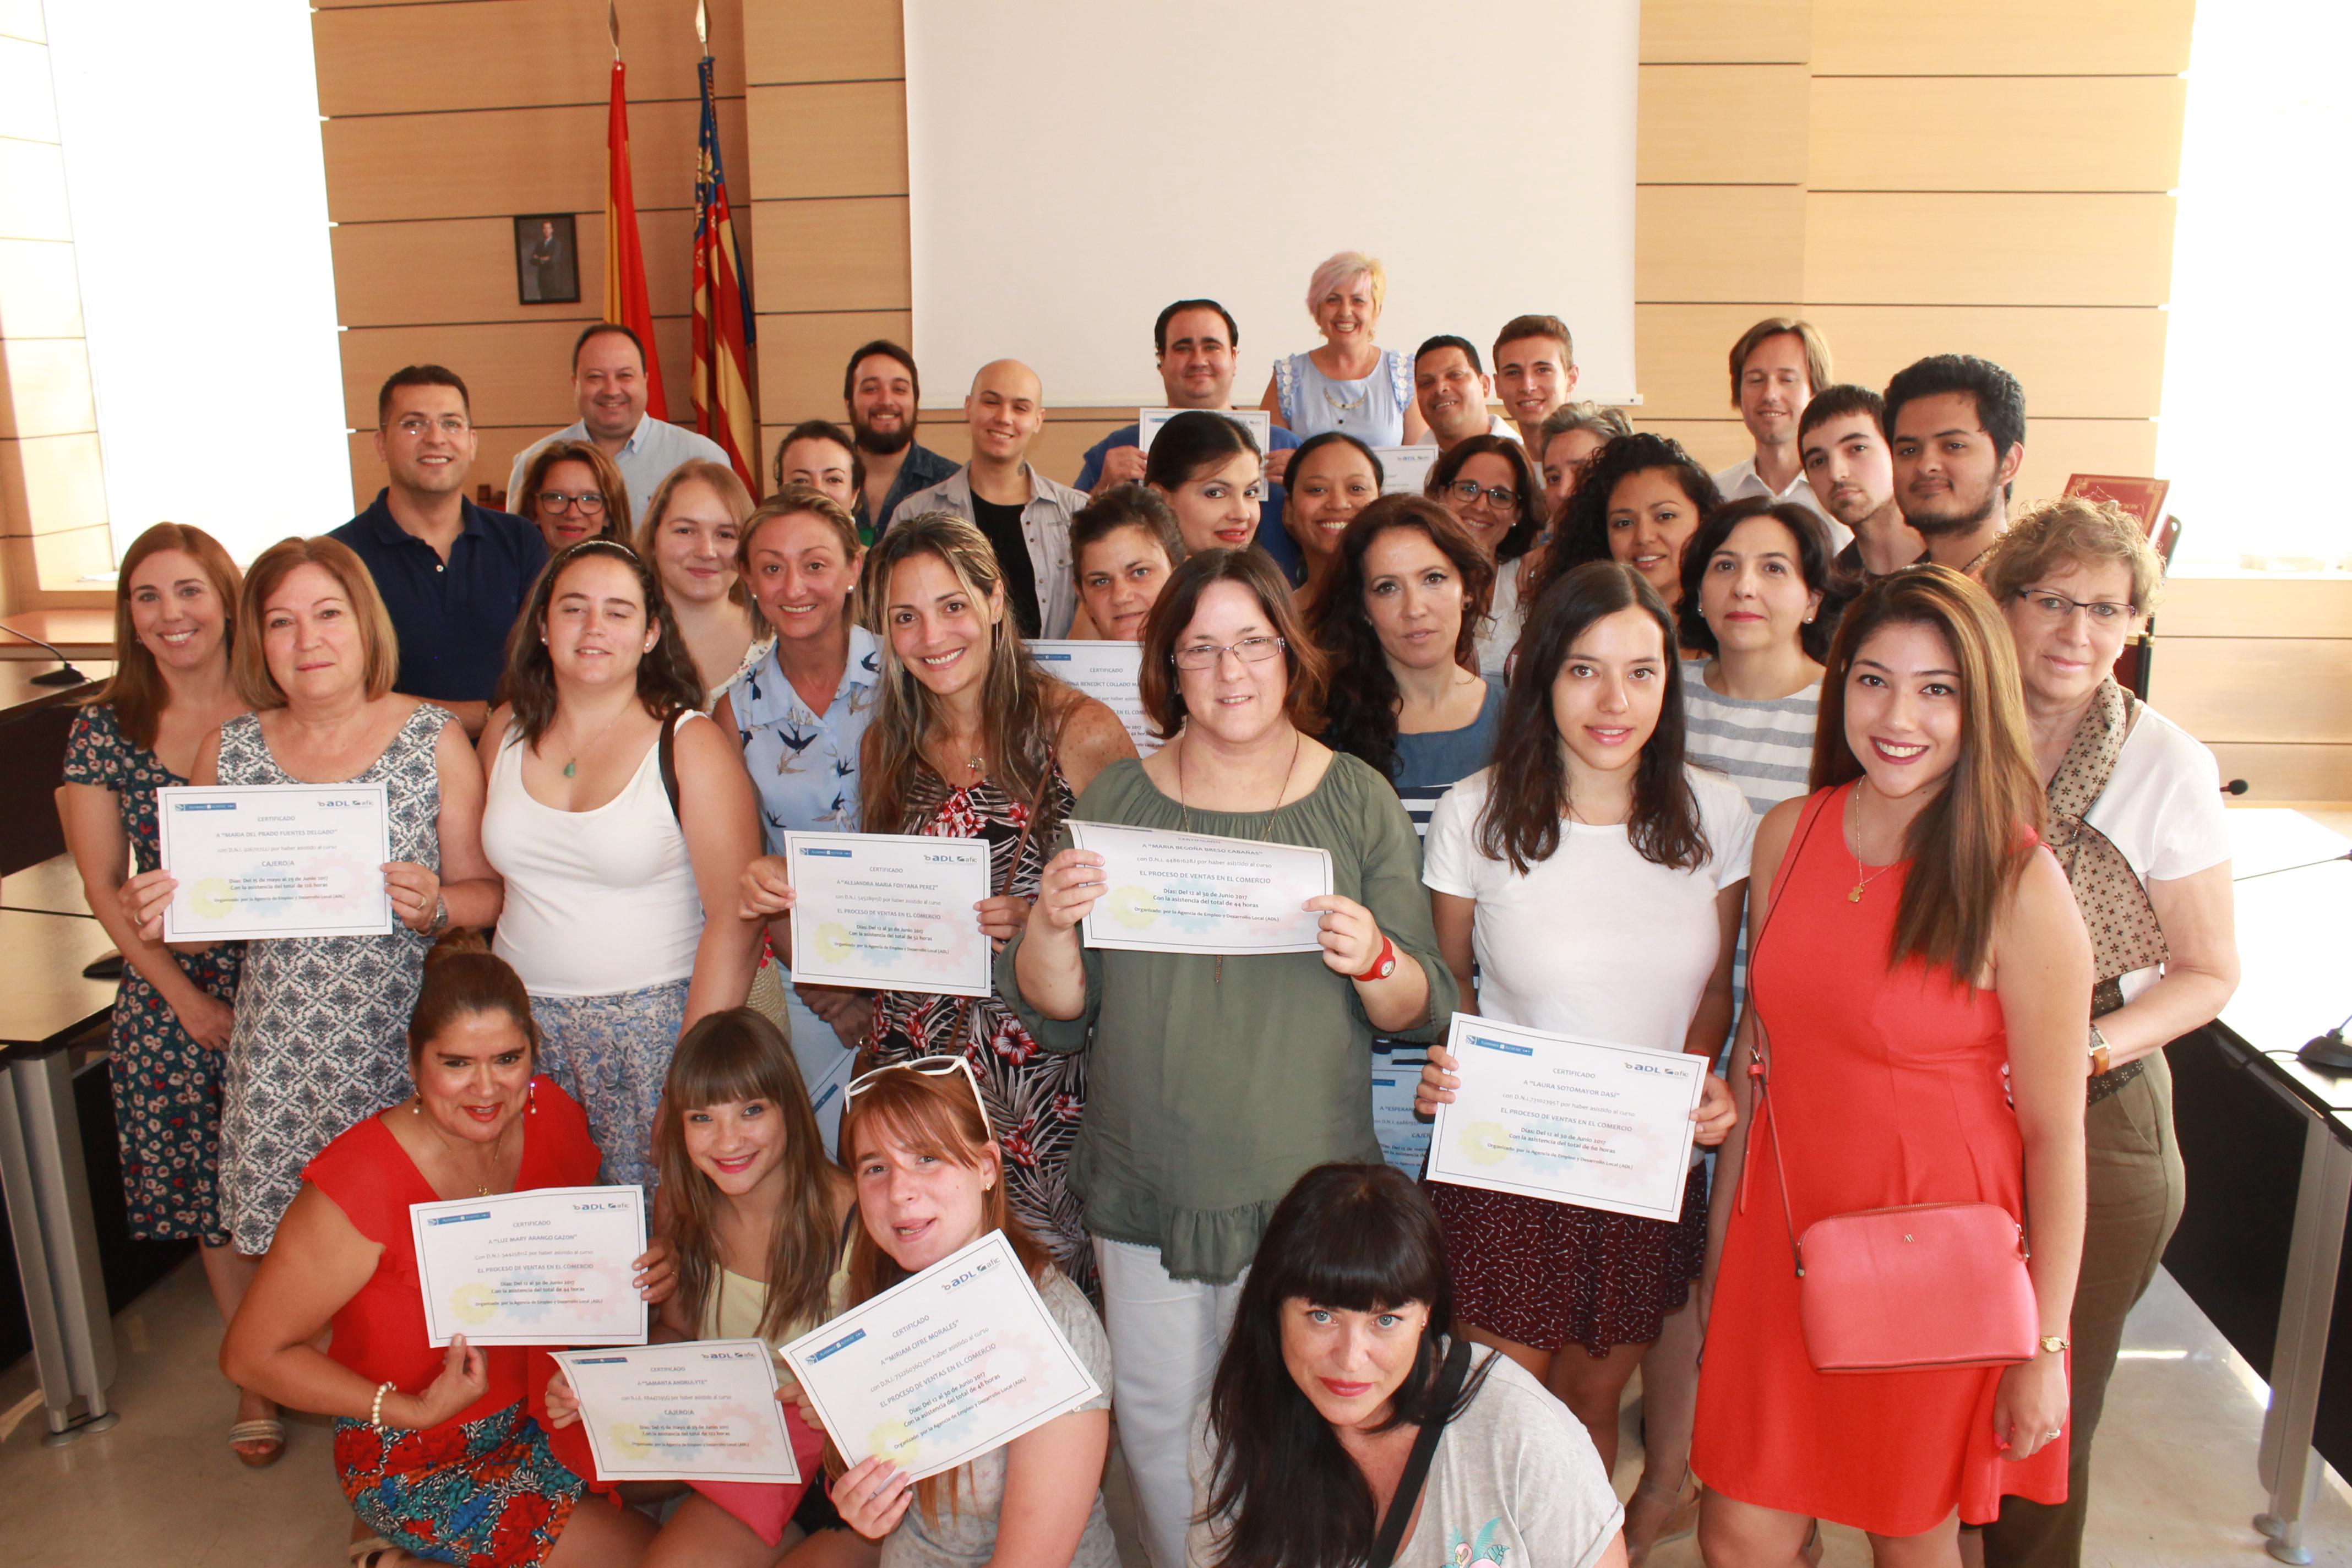 Entrega_Diplomas (1)